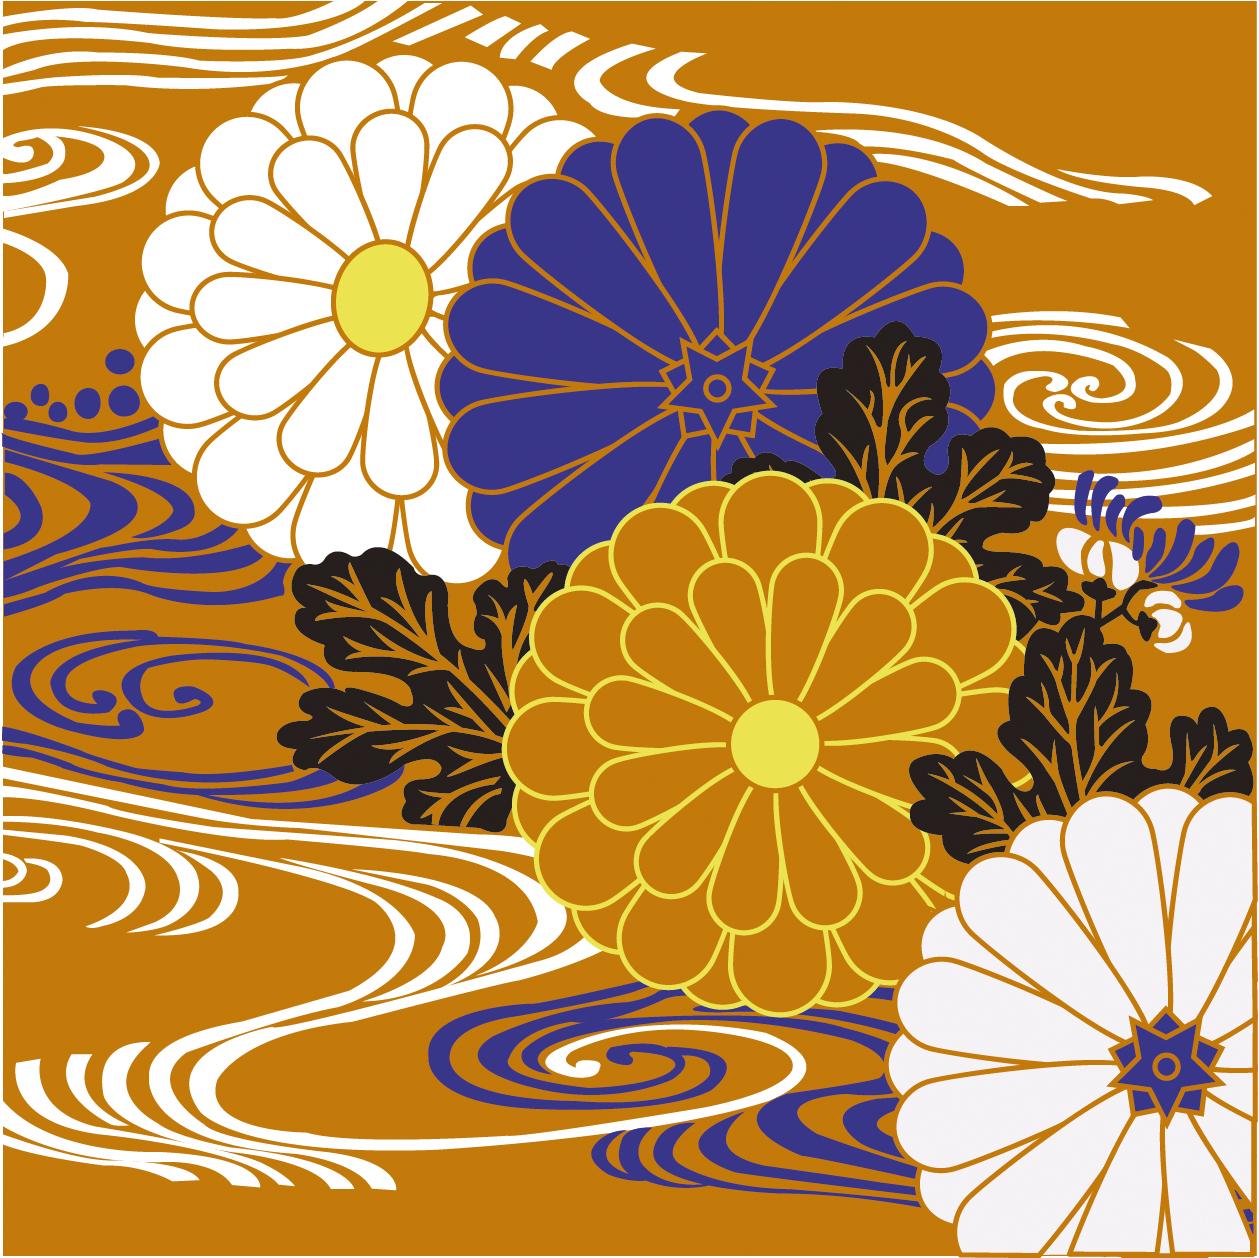 日本 の 伝統 文様 事典